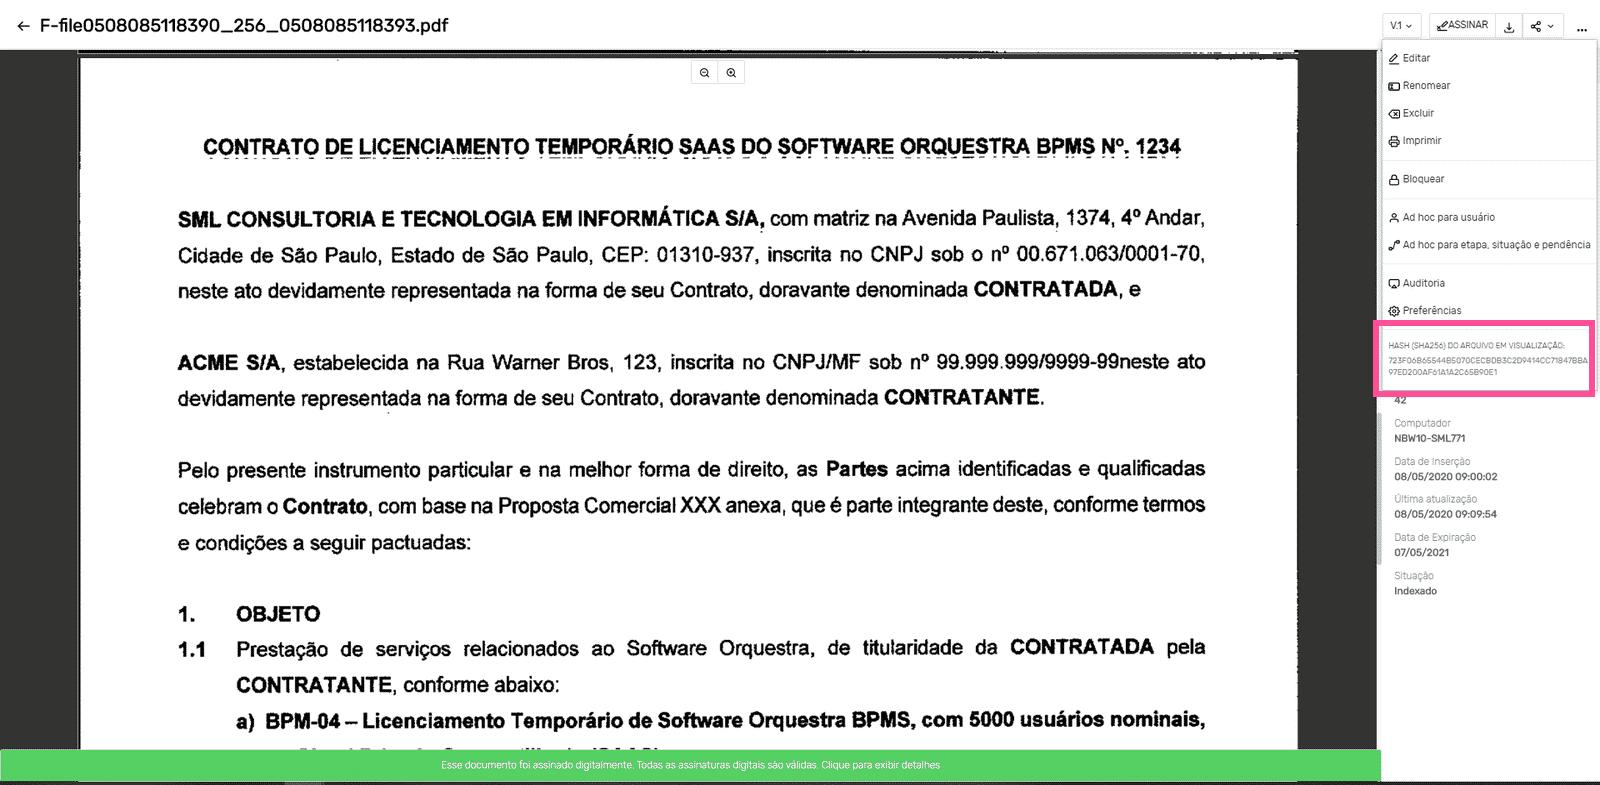 Descarte de documentos_Hash da imagem